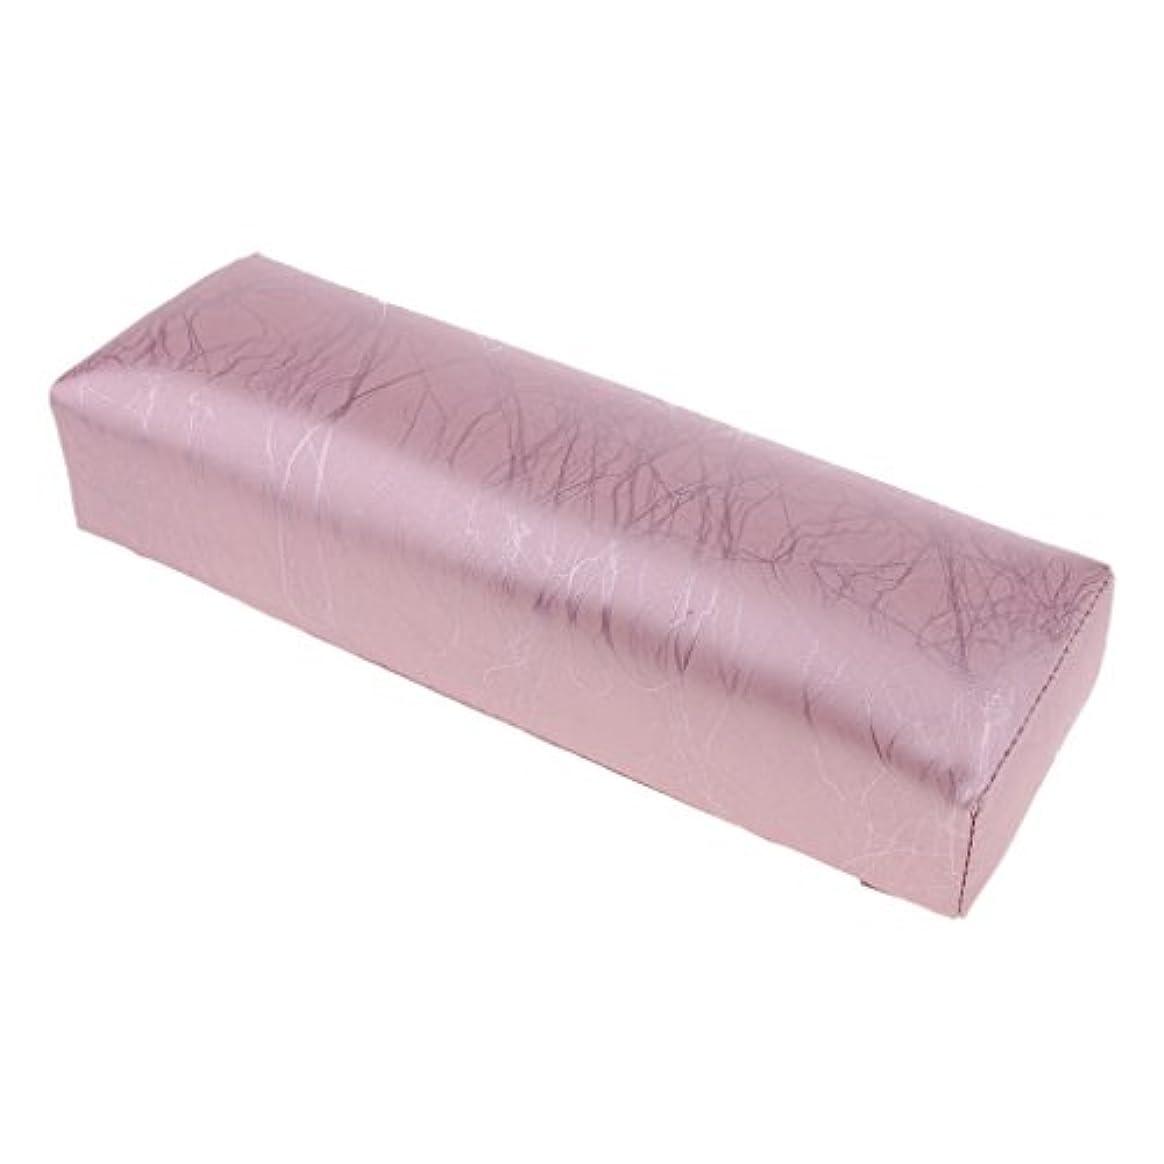 ギャラリー再集計楽しむハンドピロー ネイルアートピロー アームレストクッション ネイルアート デザイン ハンドレスト 全4色 - ピンク